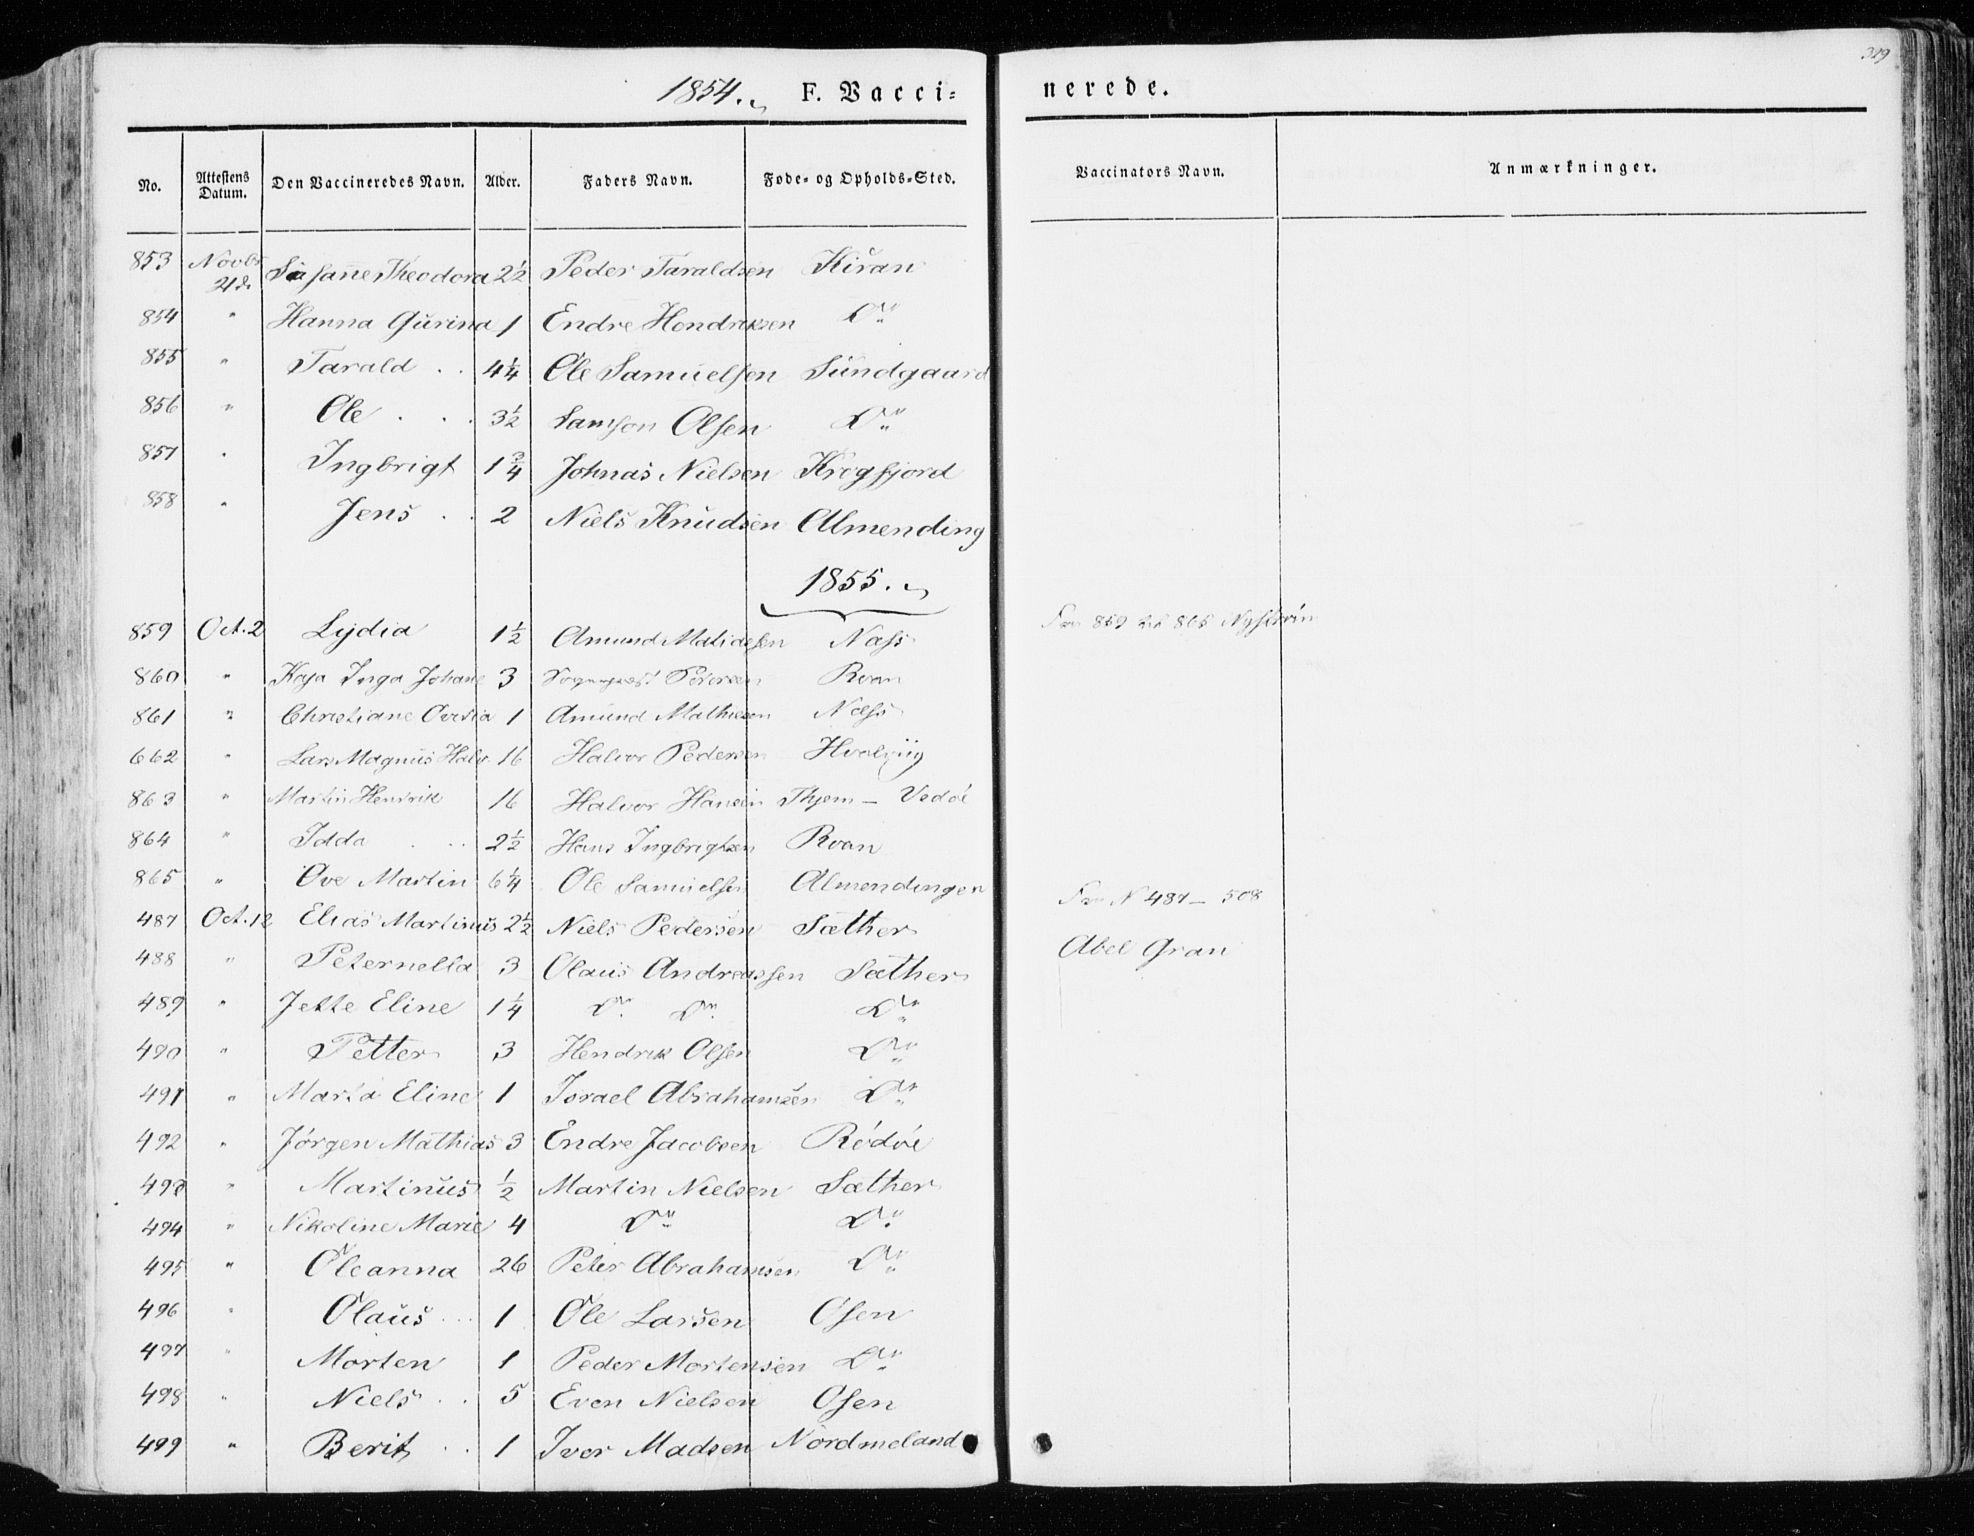 SAT, Ministerialprotokoller, klokkerbøker og fødselsregistre - Sør-Trøndelag, 657/L0704: Ministerialbok nr. 657A05, 1846-1857, s. 329